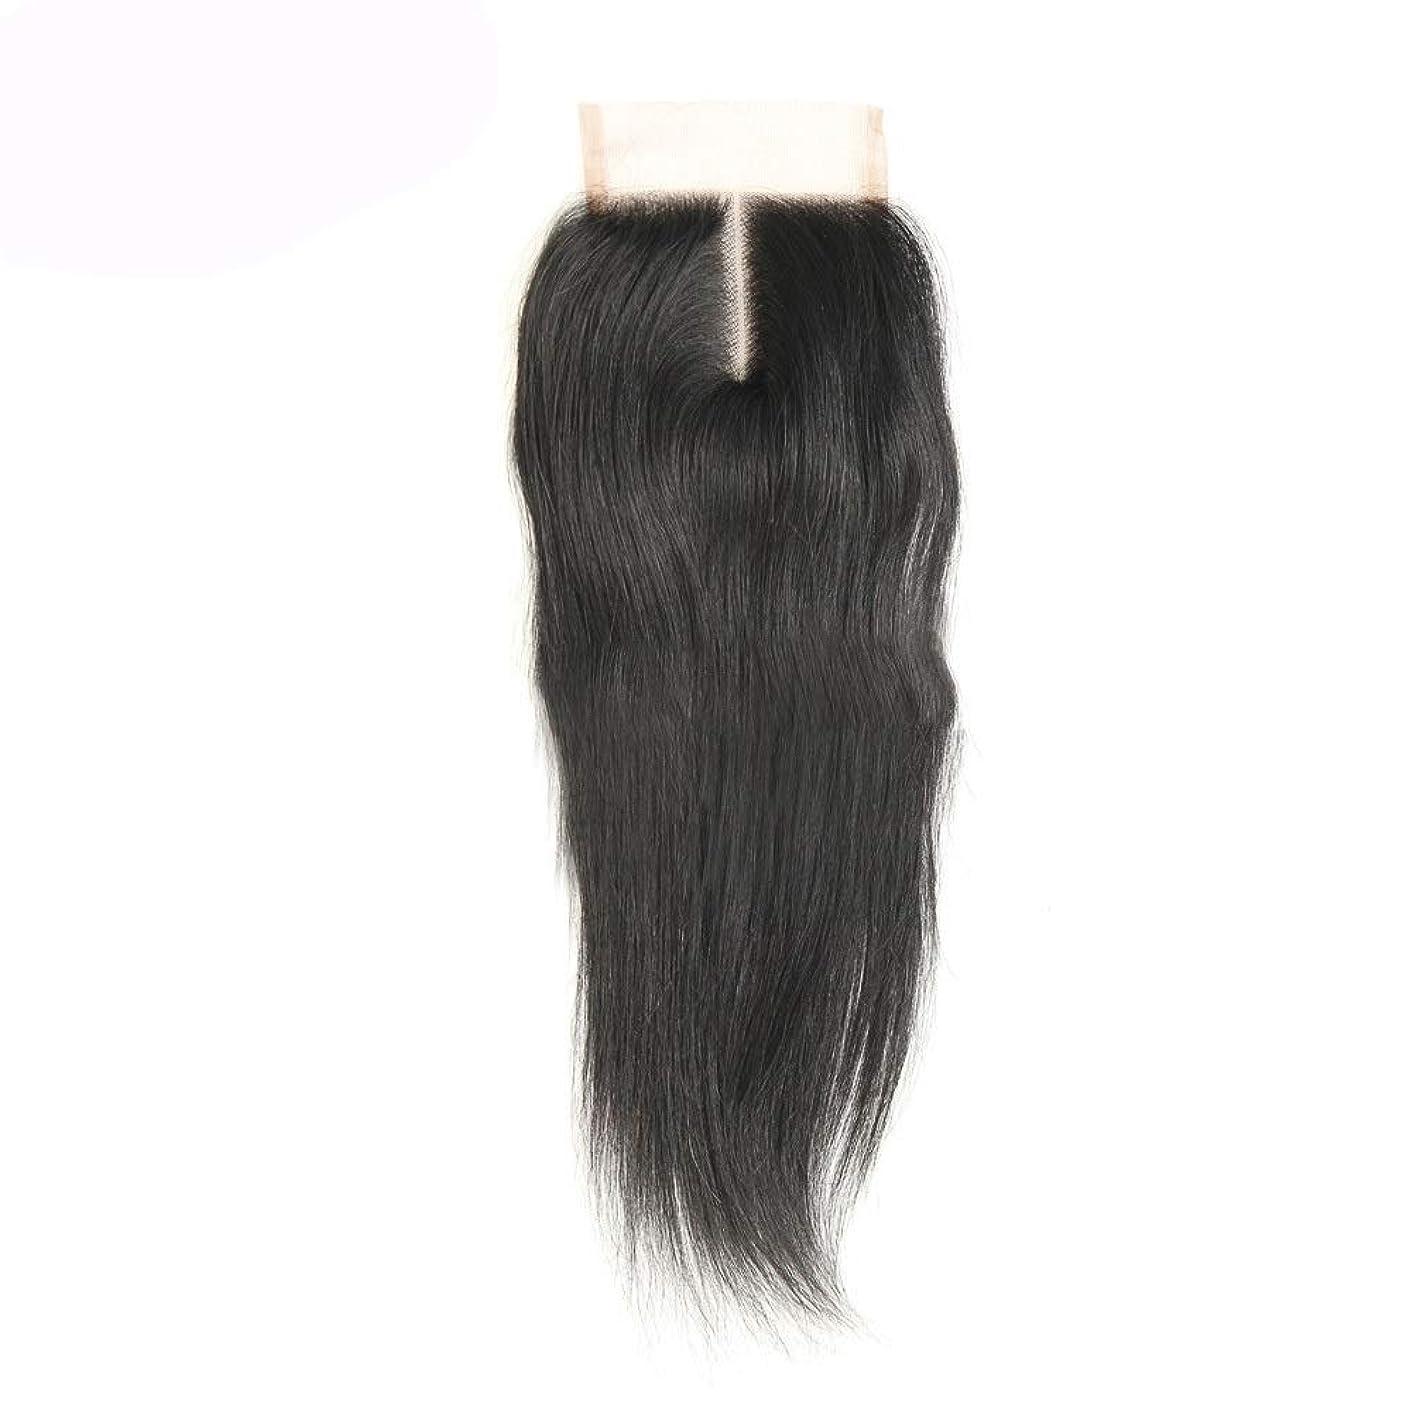 逸脱懲らしめキルトWASAIO 中部ストレートレース閉鎖ブラジル人間の髪の毛の閉鎖 (色 : 黒, サイズ : 8 inch)